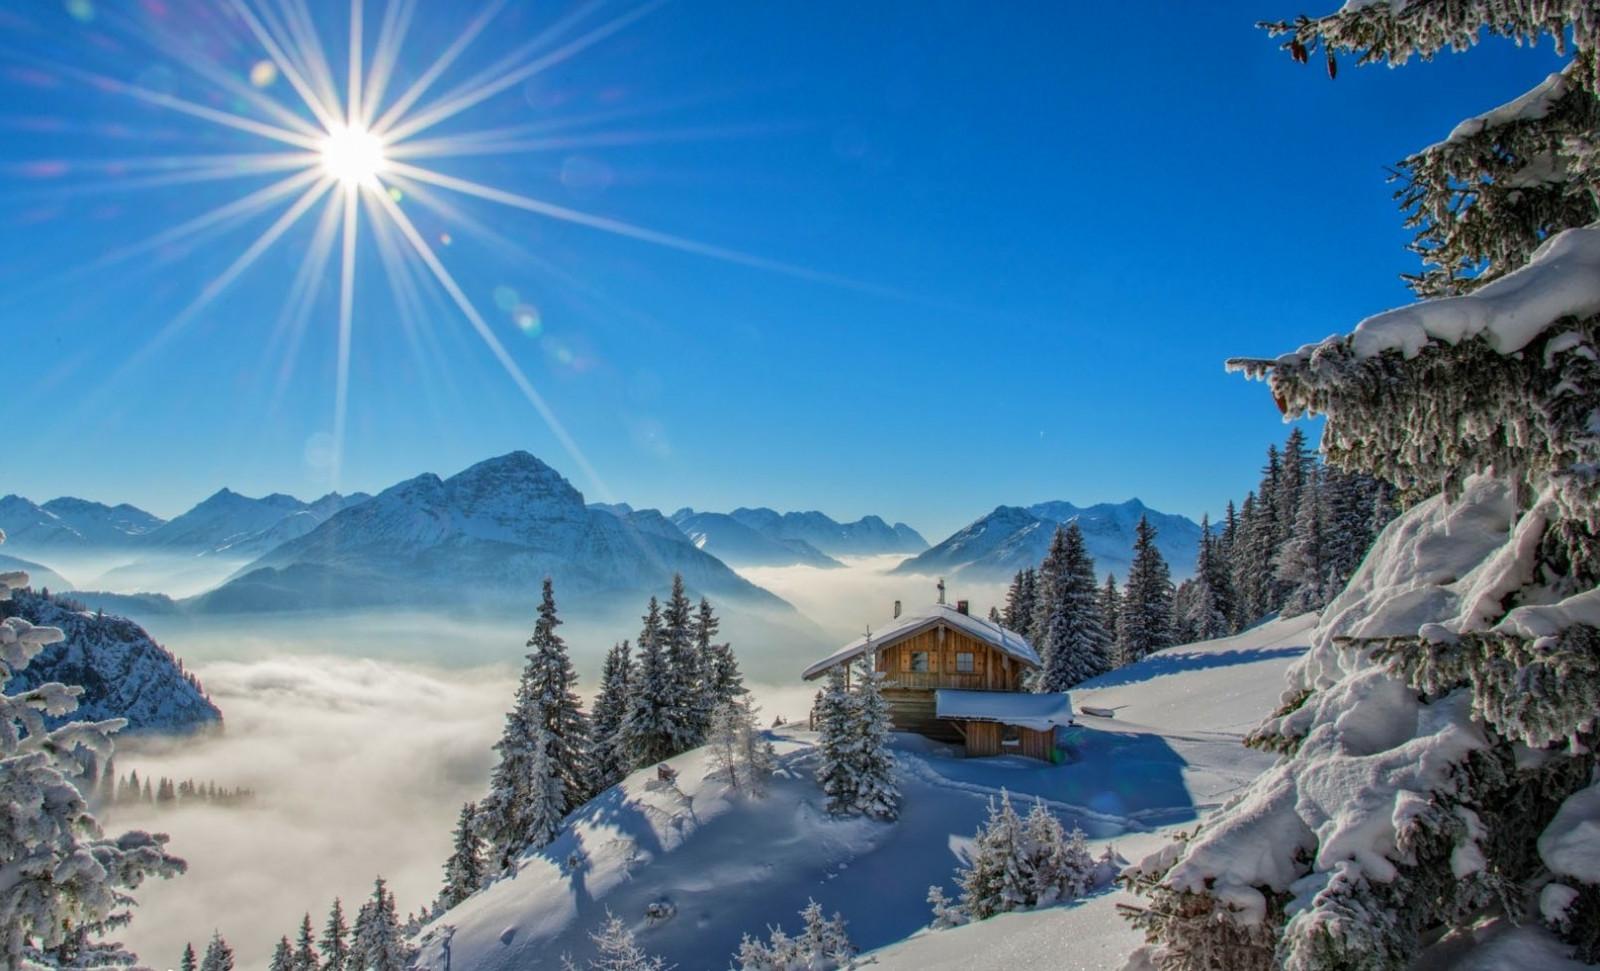 Fond d'écran : paysage, forêt, la nature, neige, hiver, bleu, Pic enneigé, rayons de soleil ...